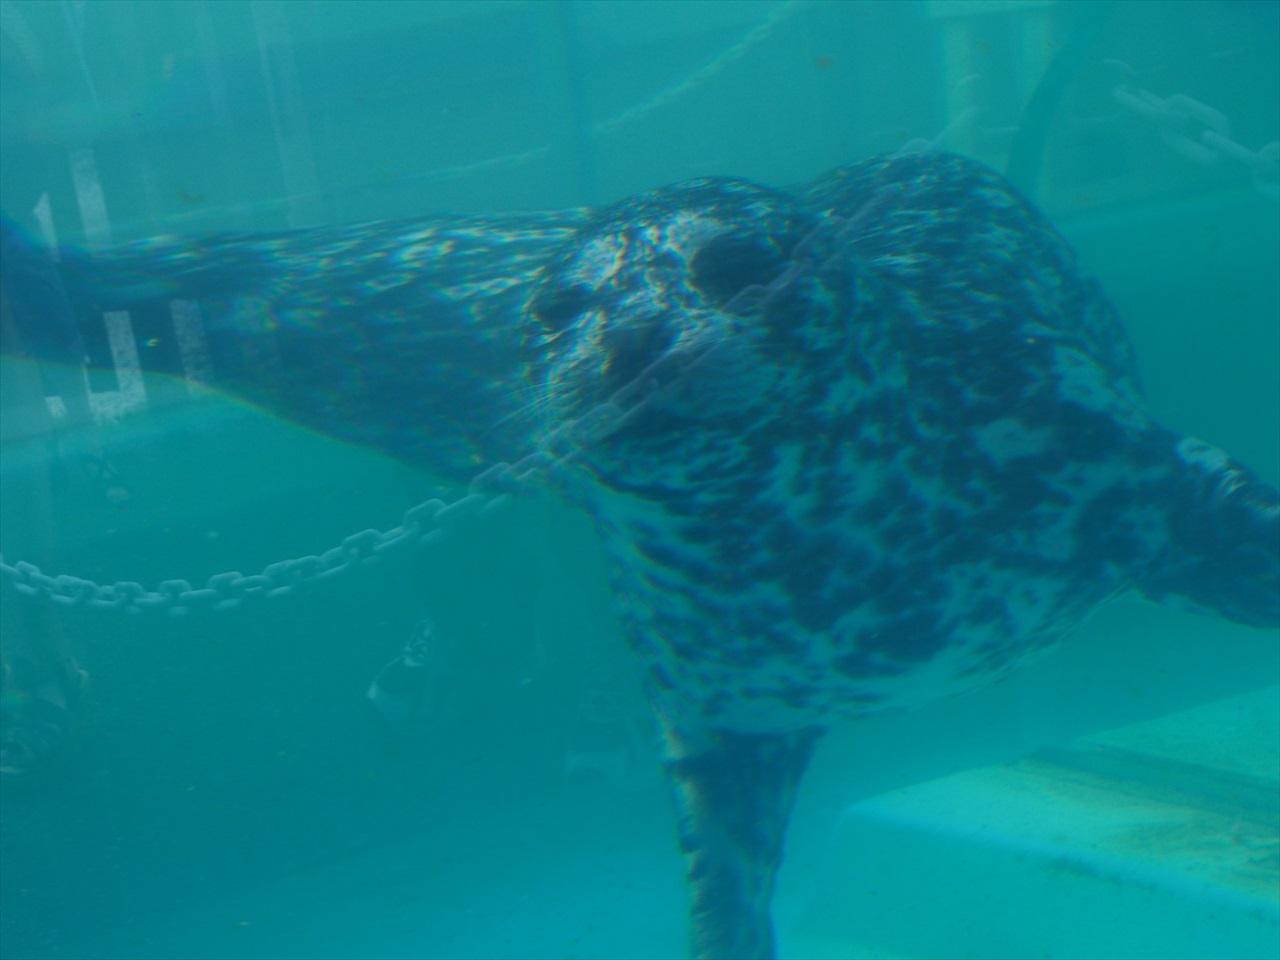 水中を泳ぐアザラシ